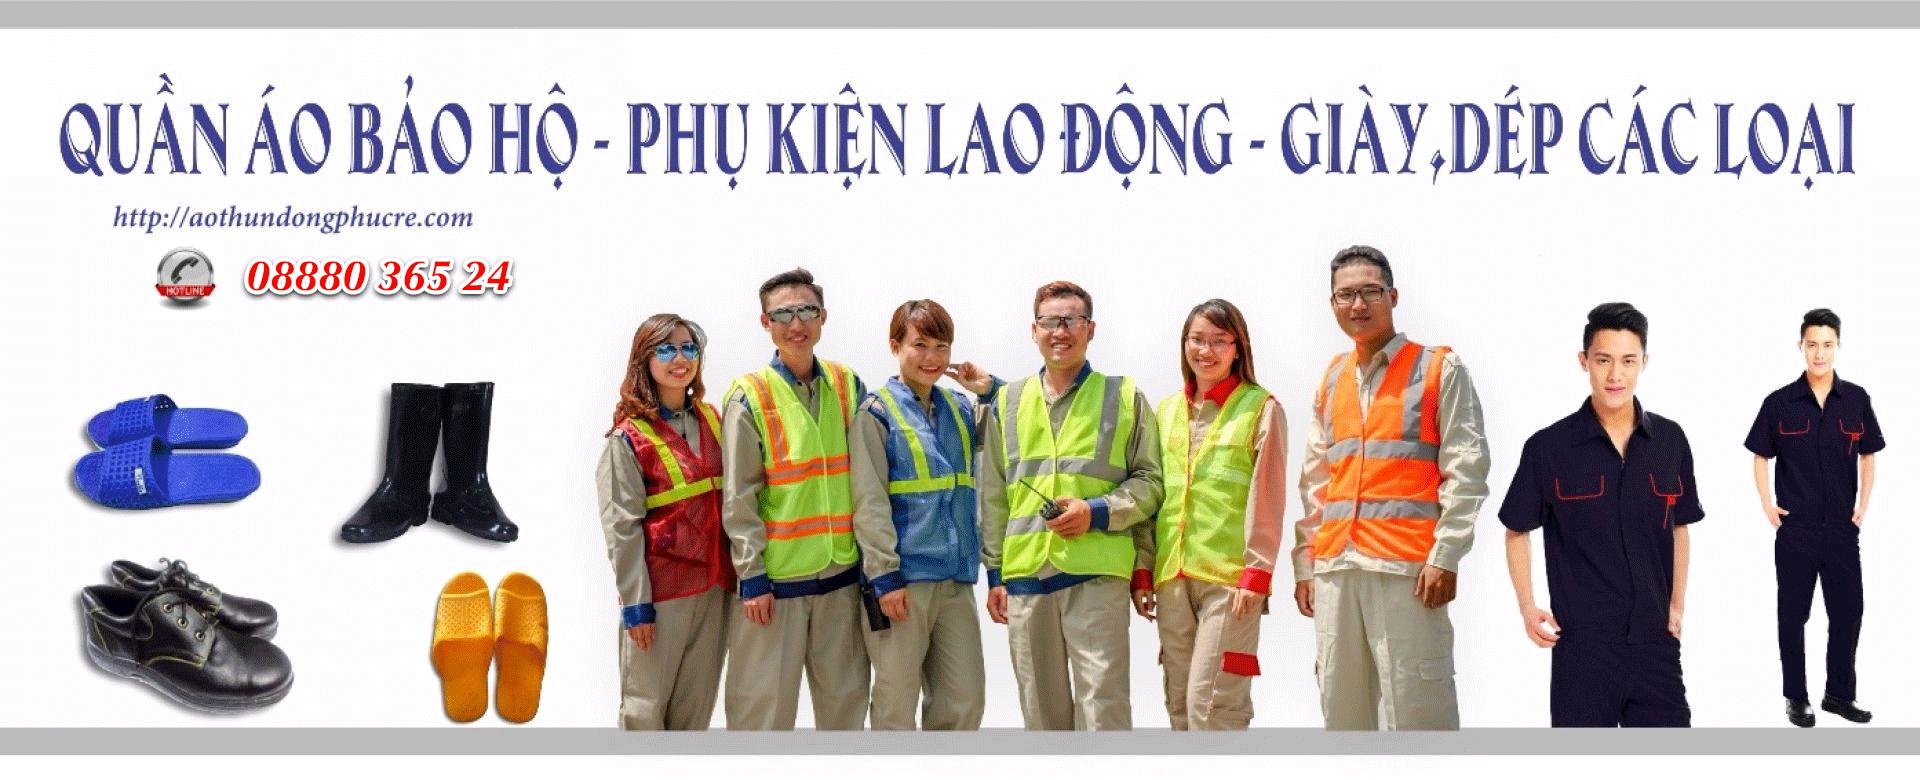 Banner đồng phục bảo hộ lao động